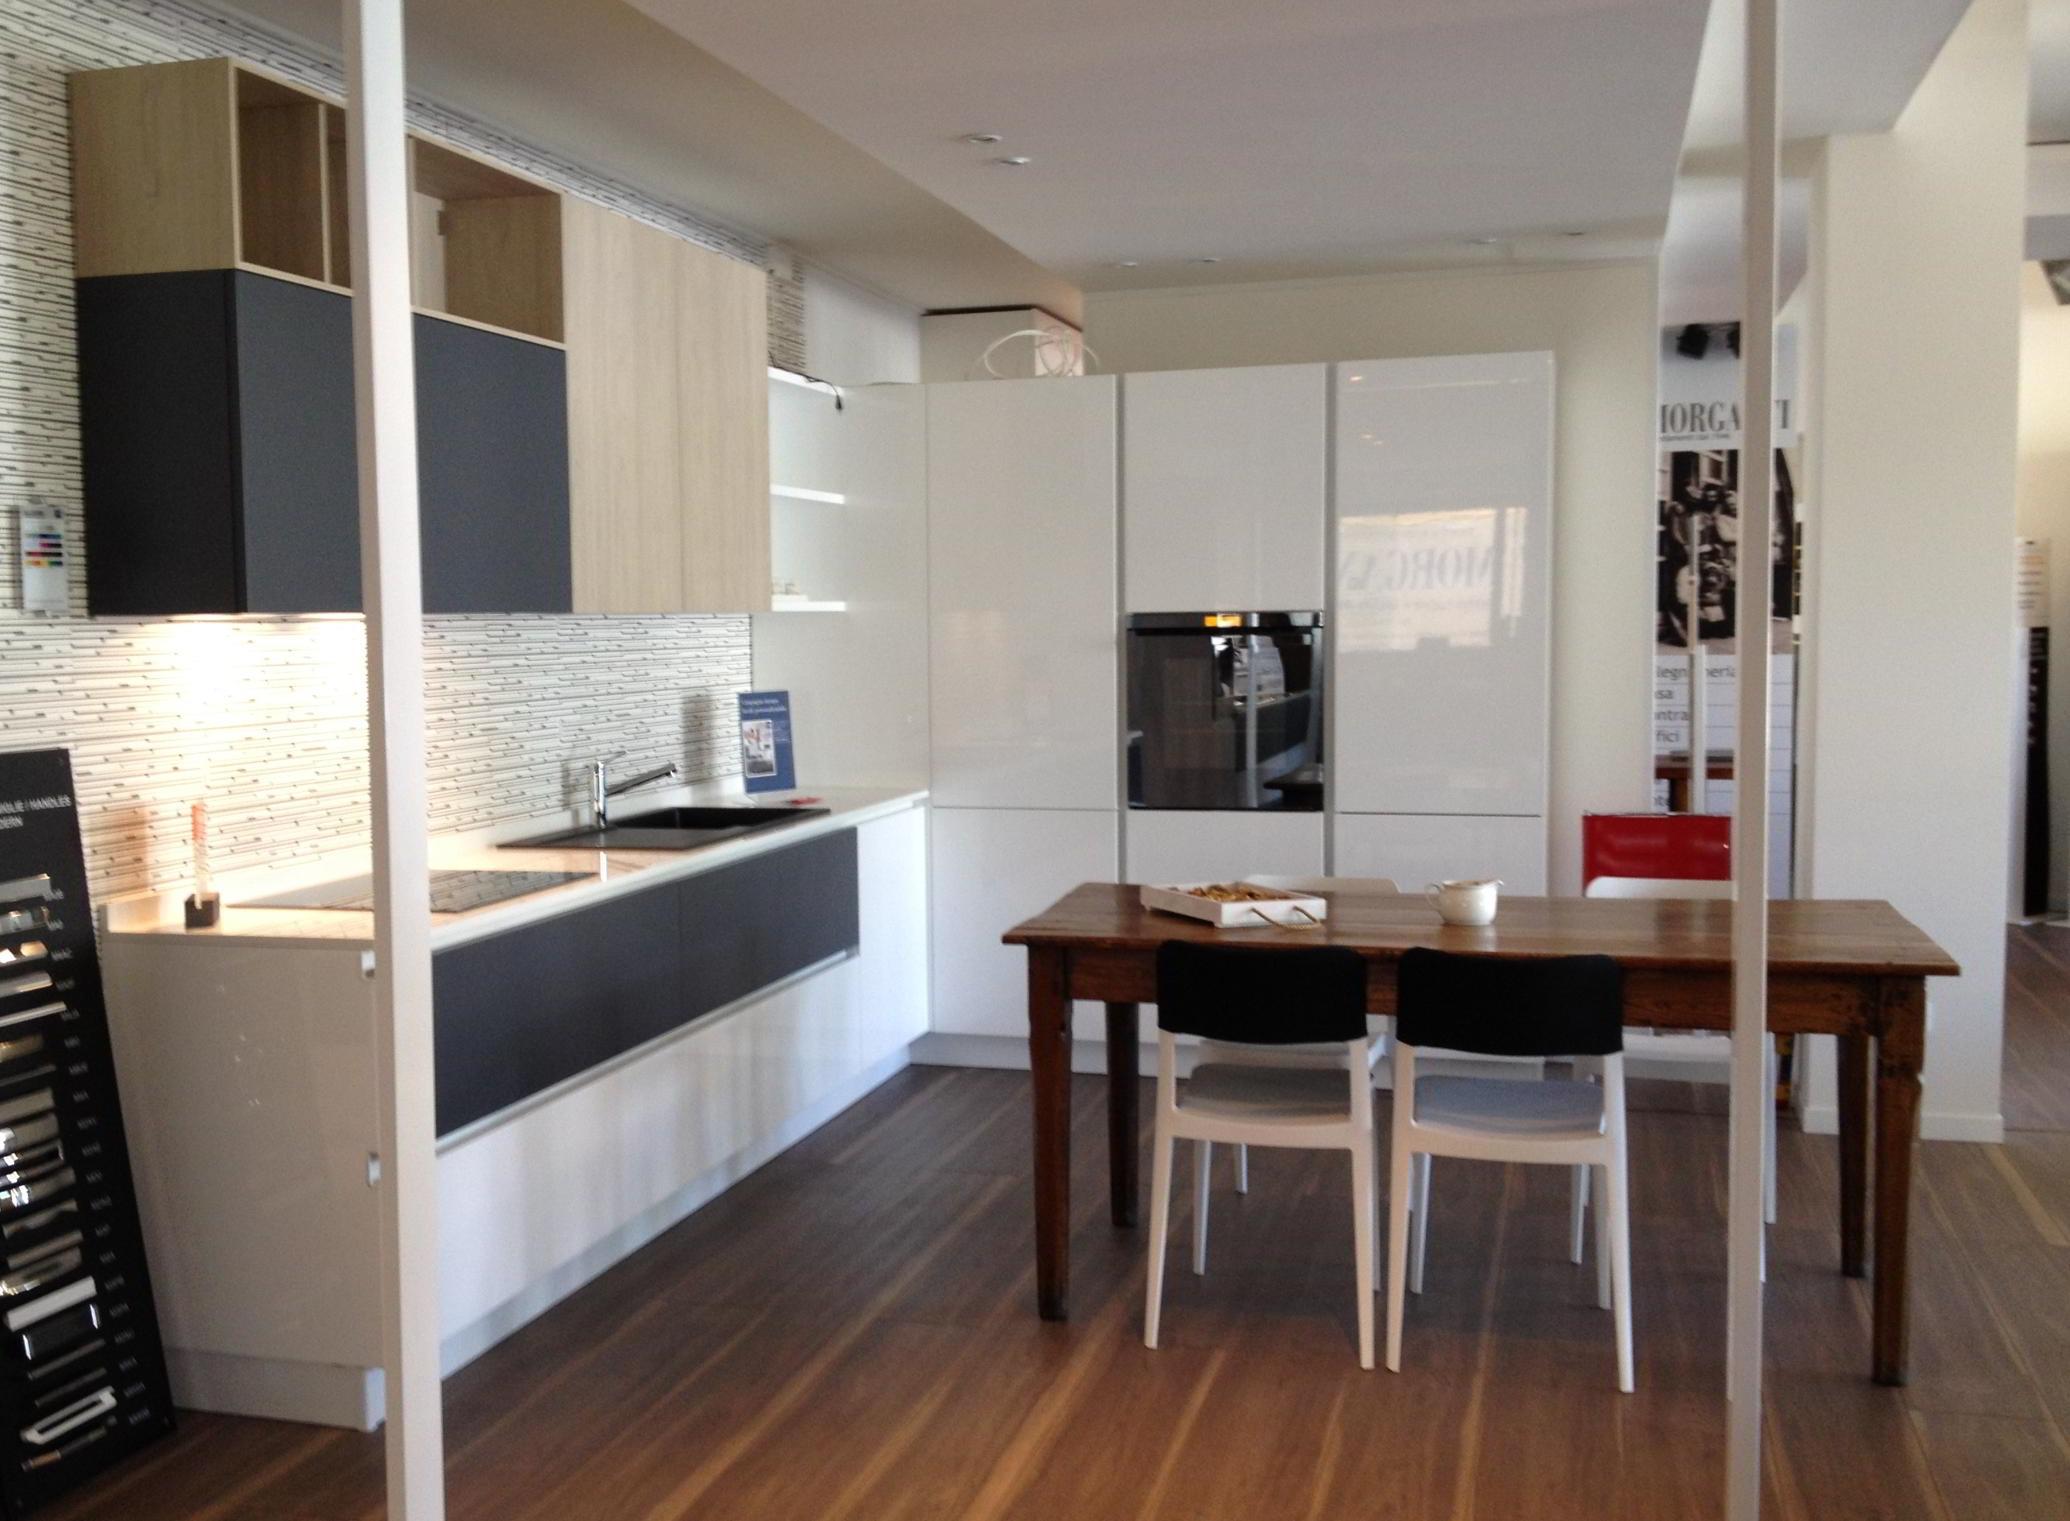 Offerta cucina stosa modello allegra laccato bianco lucido cucine a prezzi scontati - Cucina laccato bianco ...